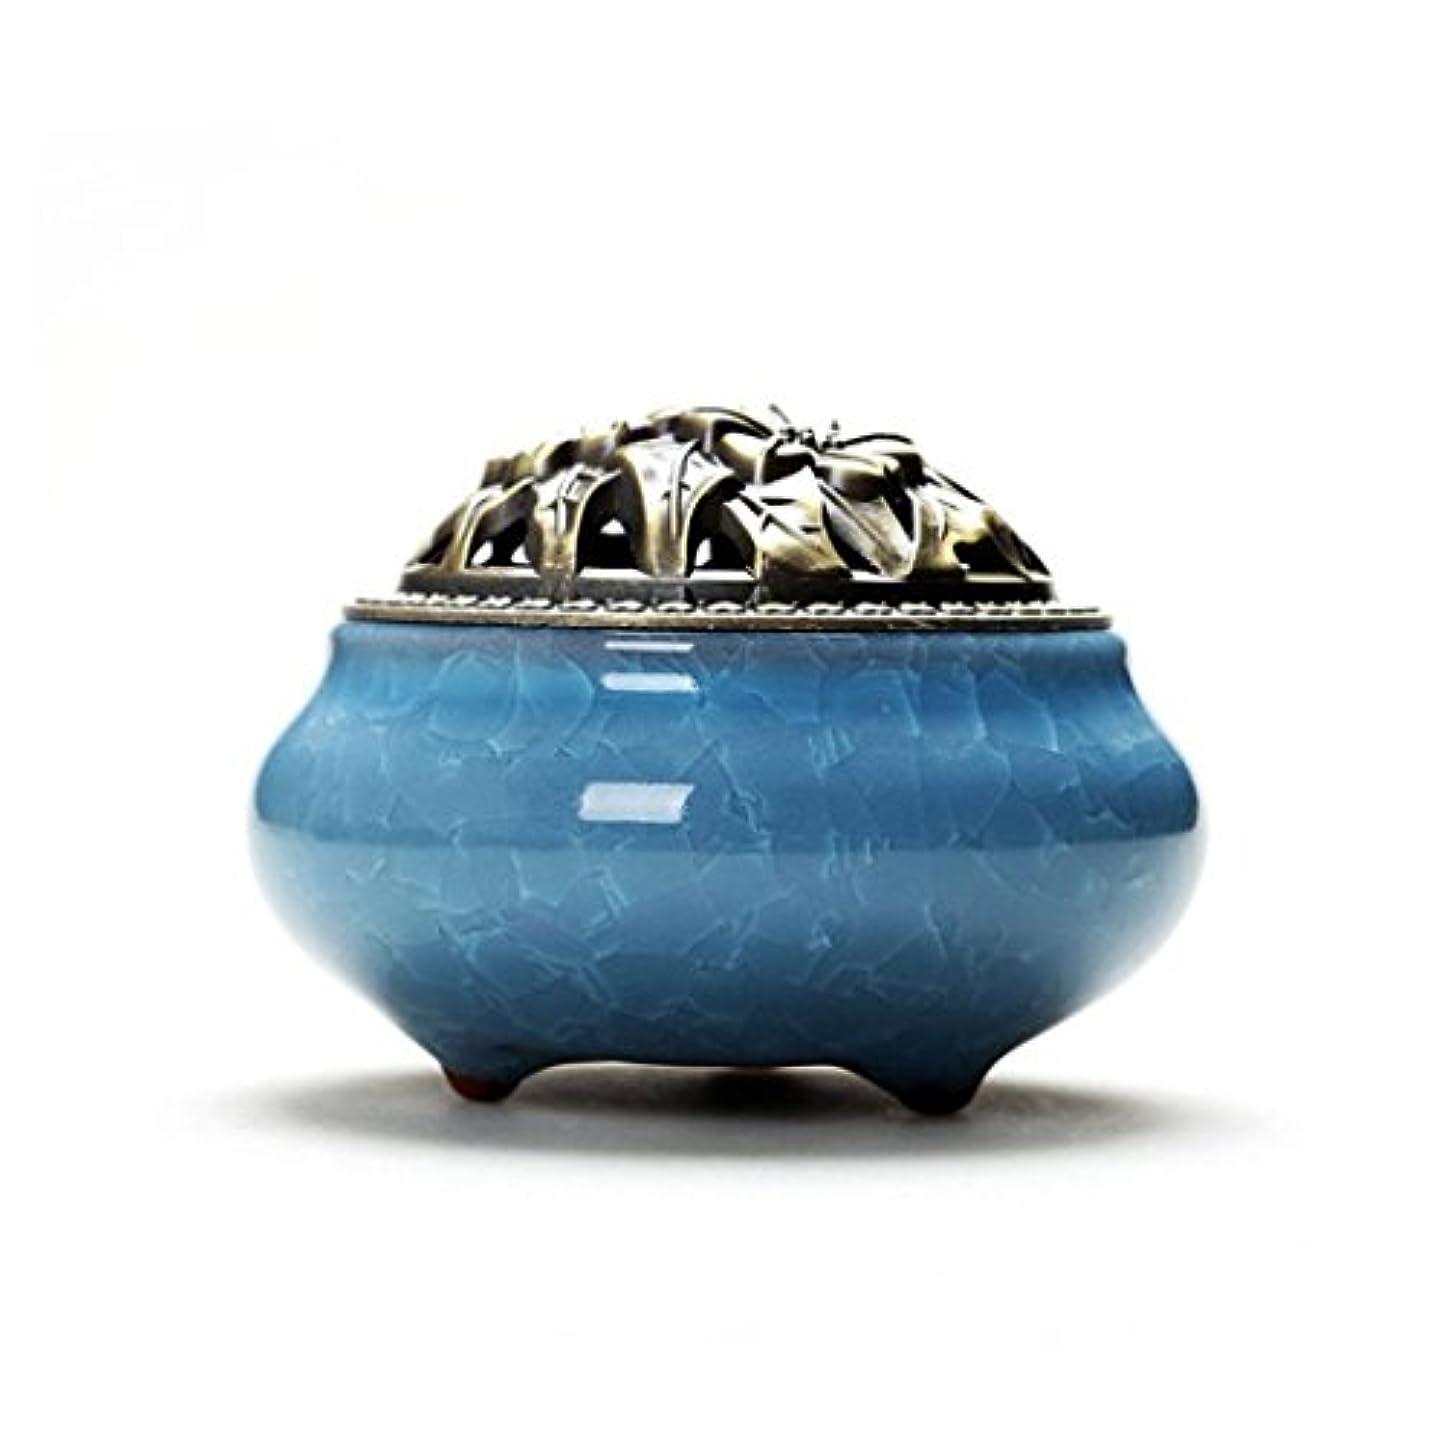 悲しいことにレンダリング建設Aijoo 陶磁器 香炉 丸香炉 アロマ陶磁器 青磁 香立て付き アロマ アンティーク 渦巻き線香 アロマ などに 調選べる 9カラー